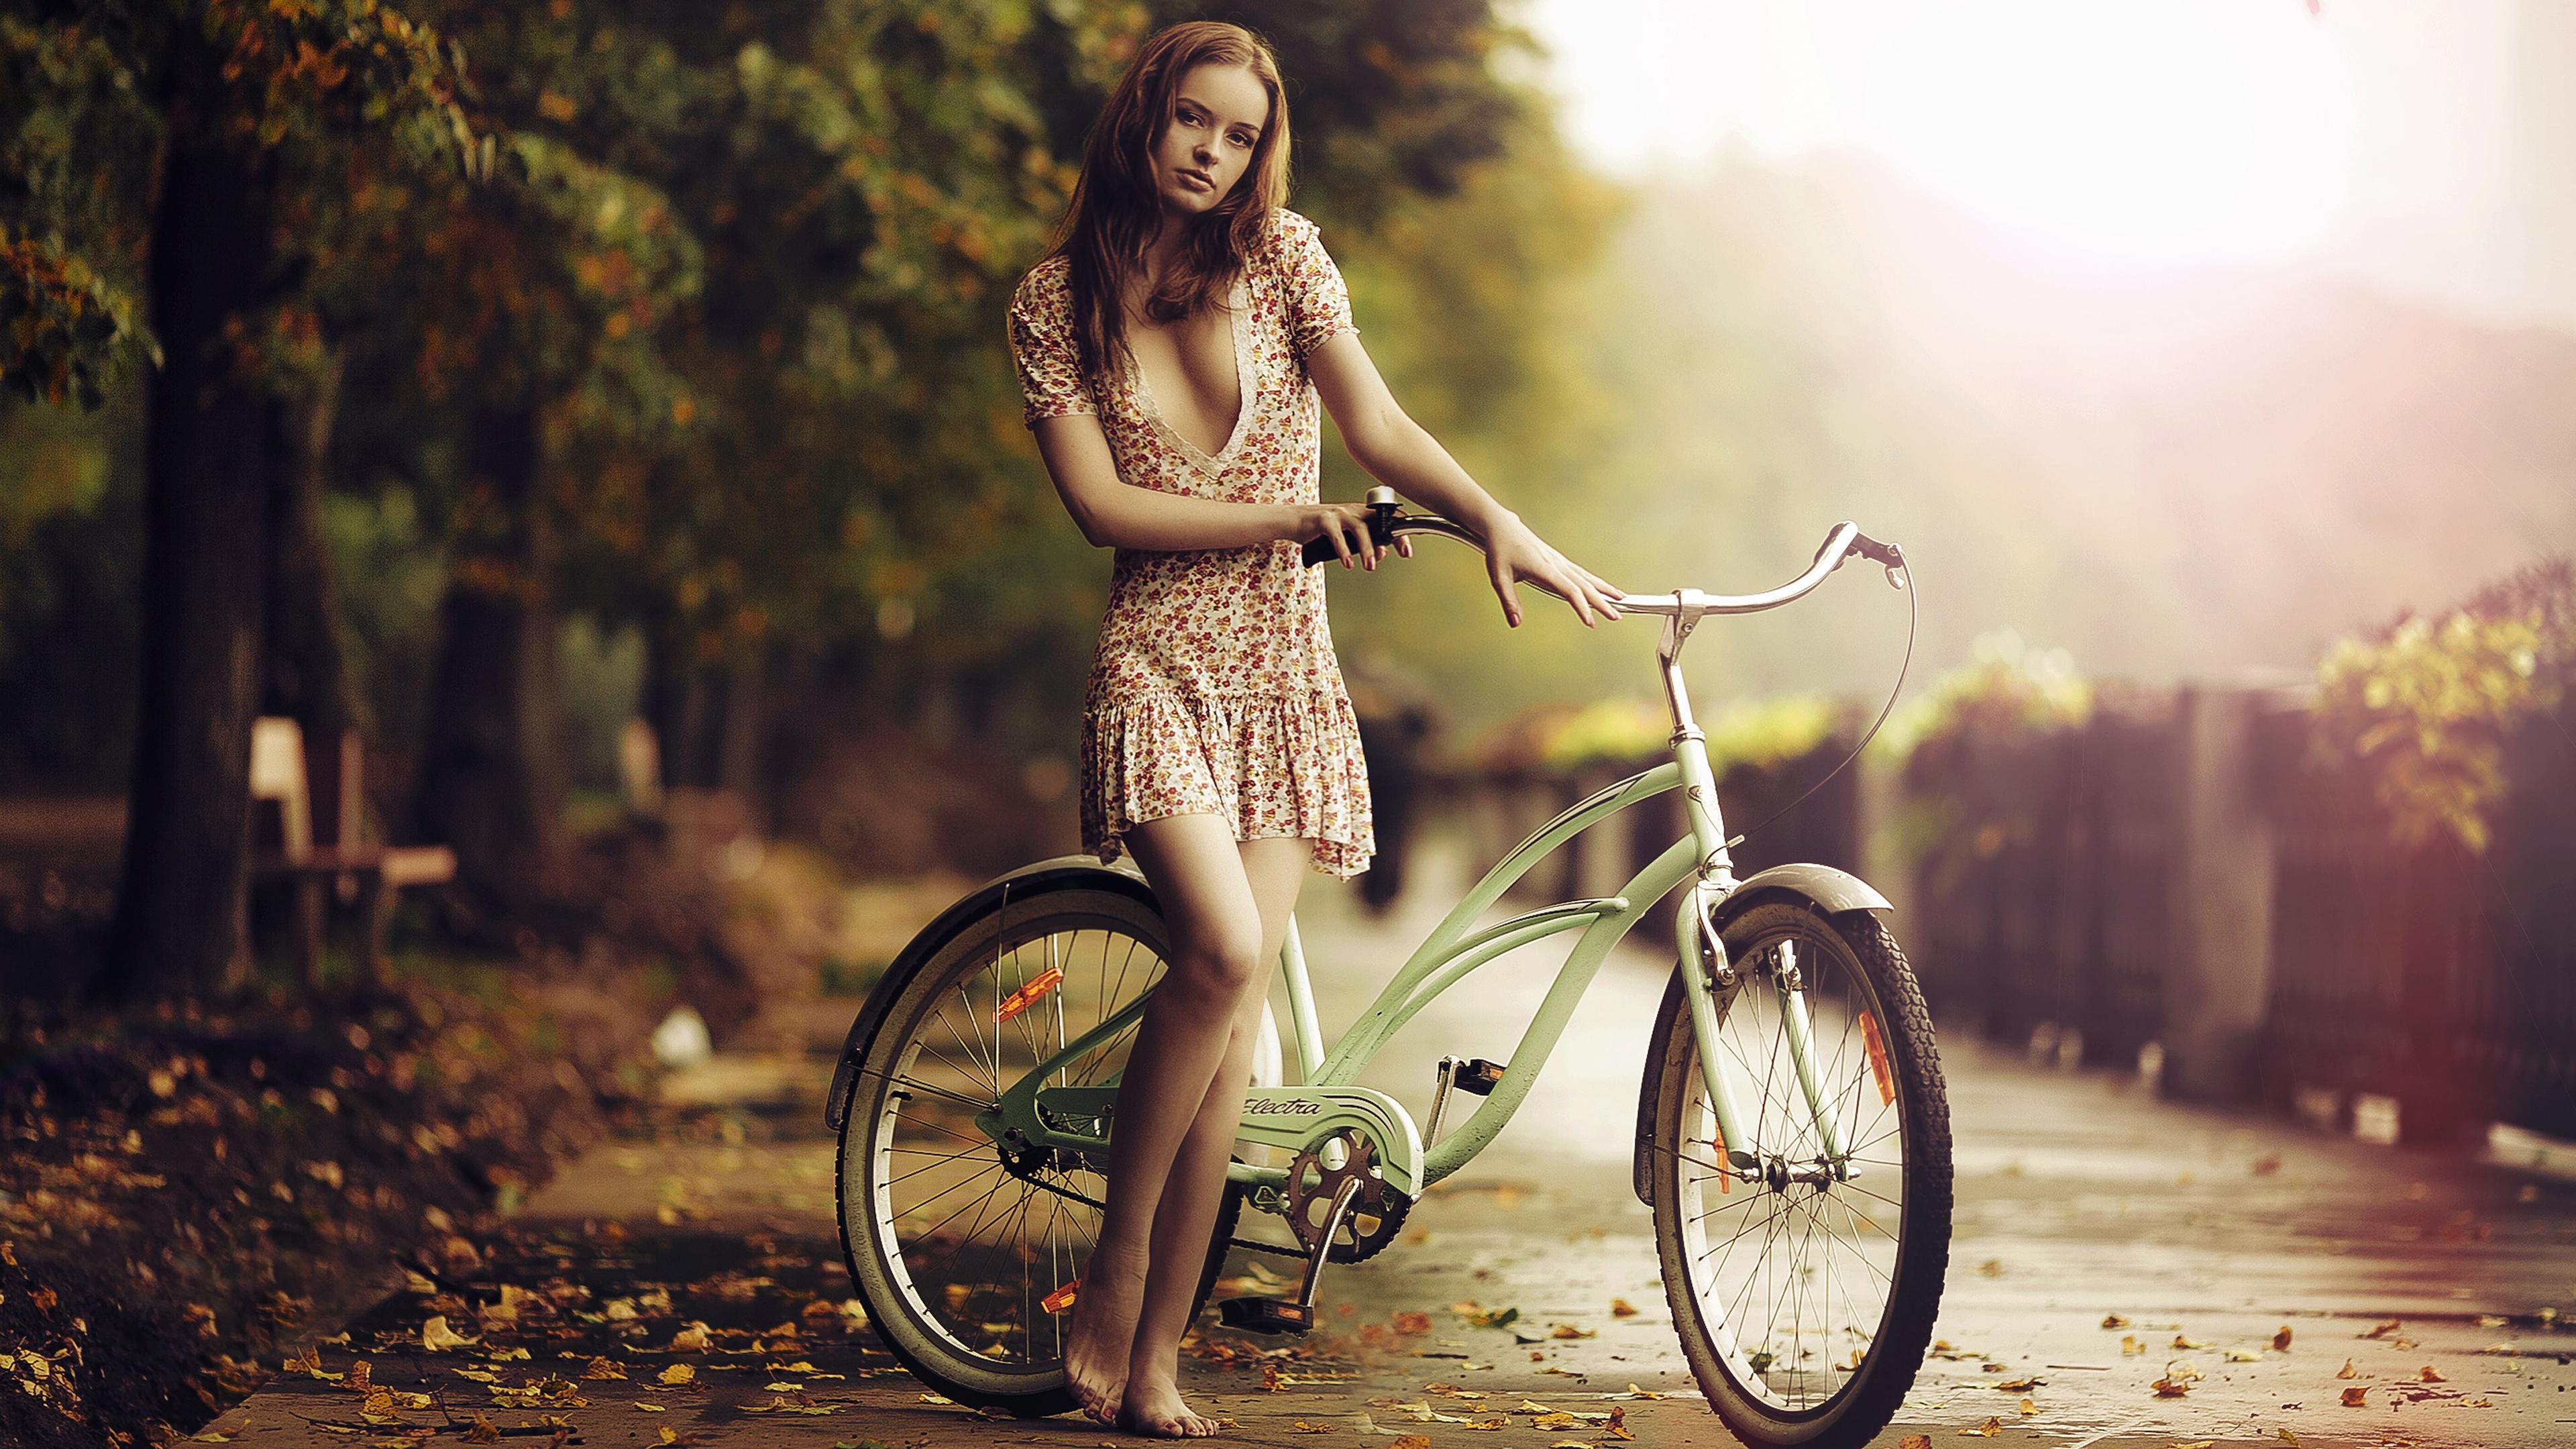 girl-bicycle-4k-36.jpg